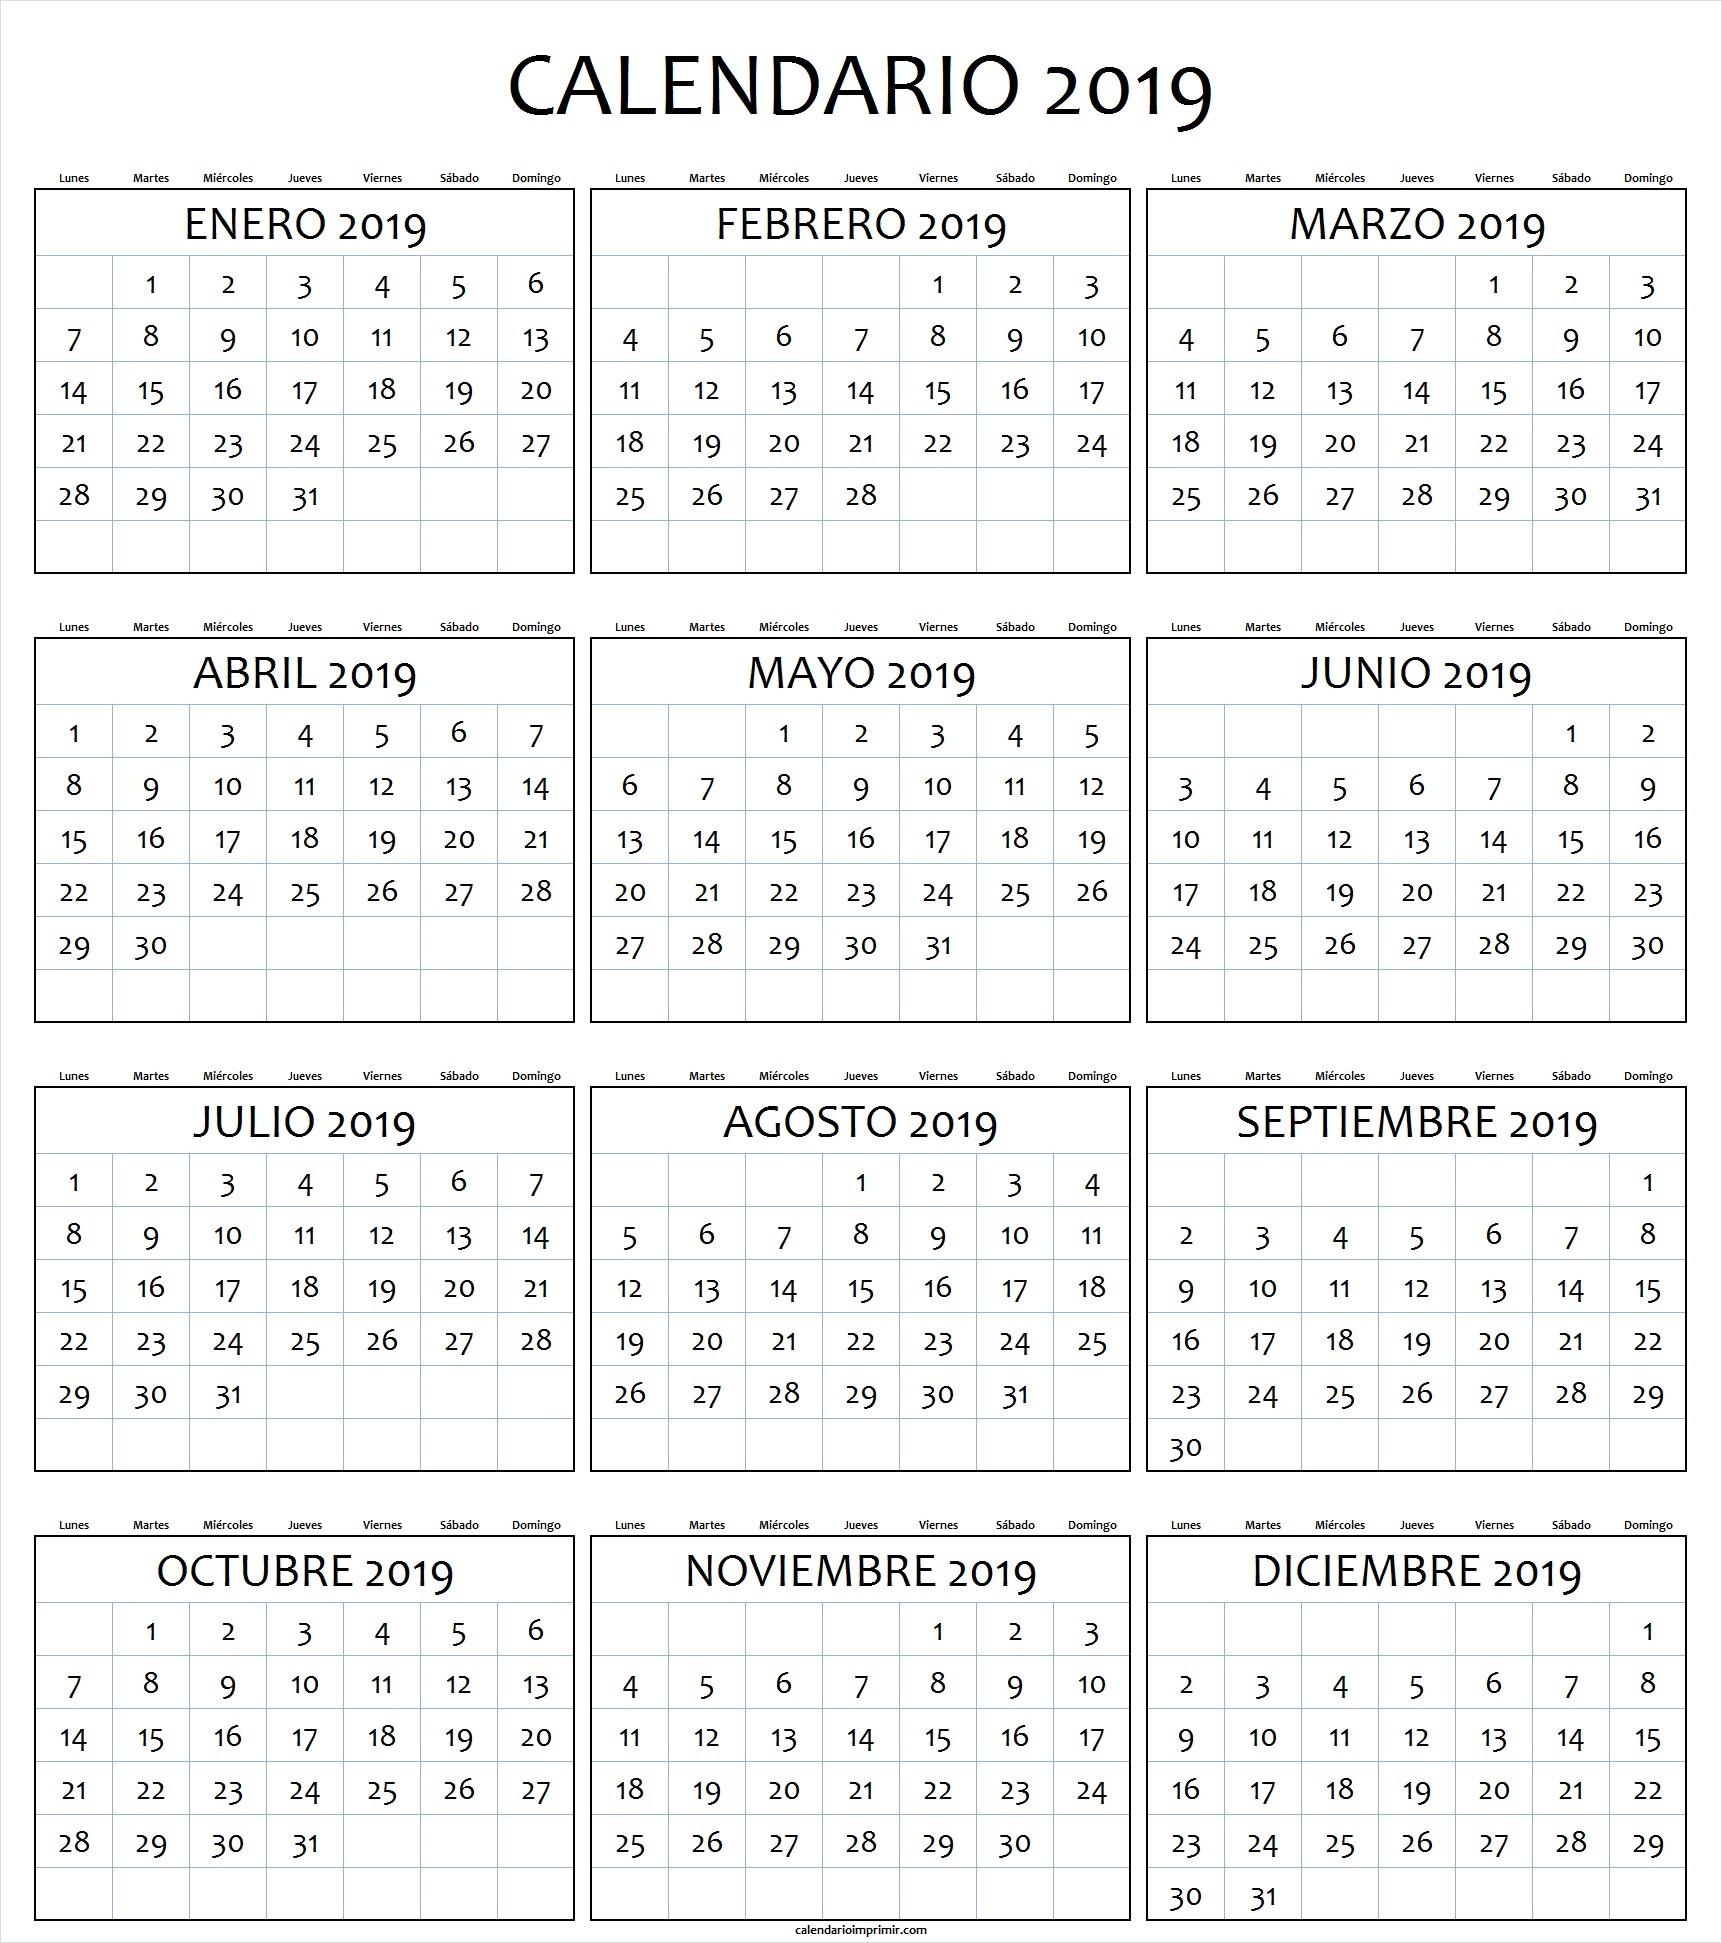 calendario 2019 Ecosia